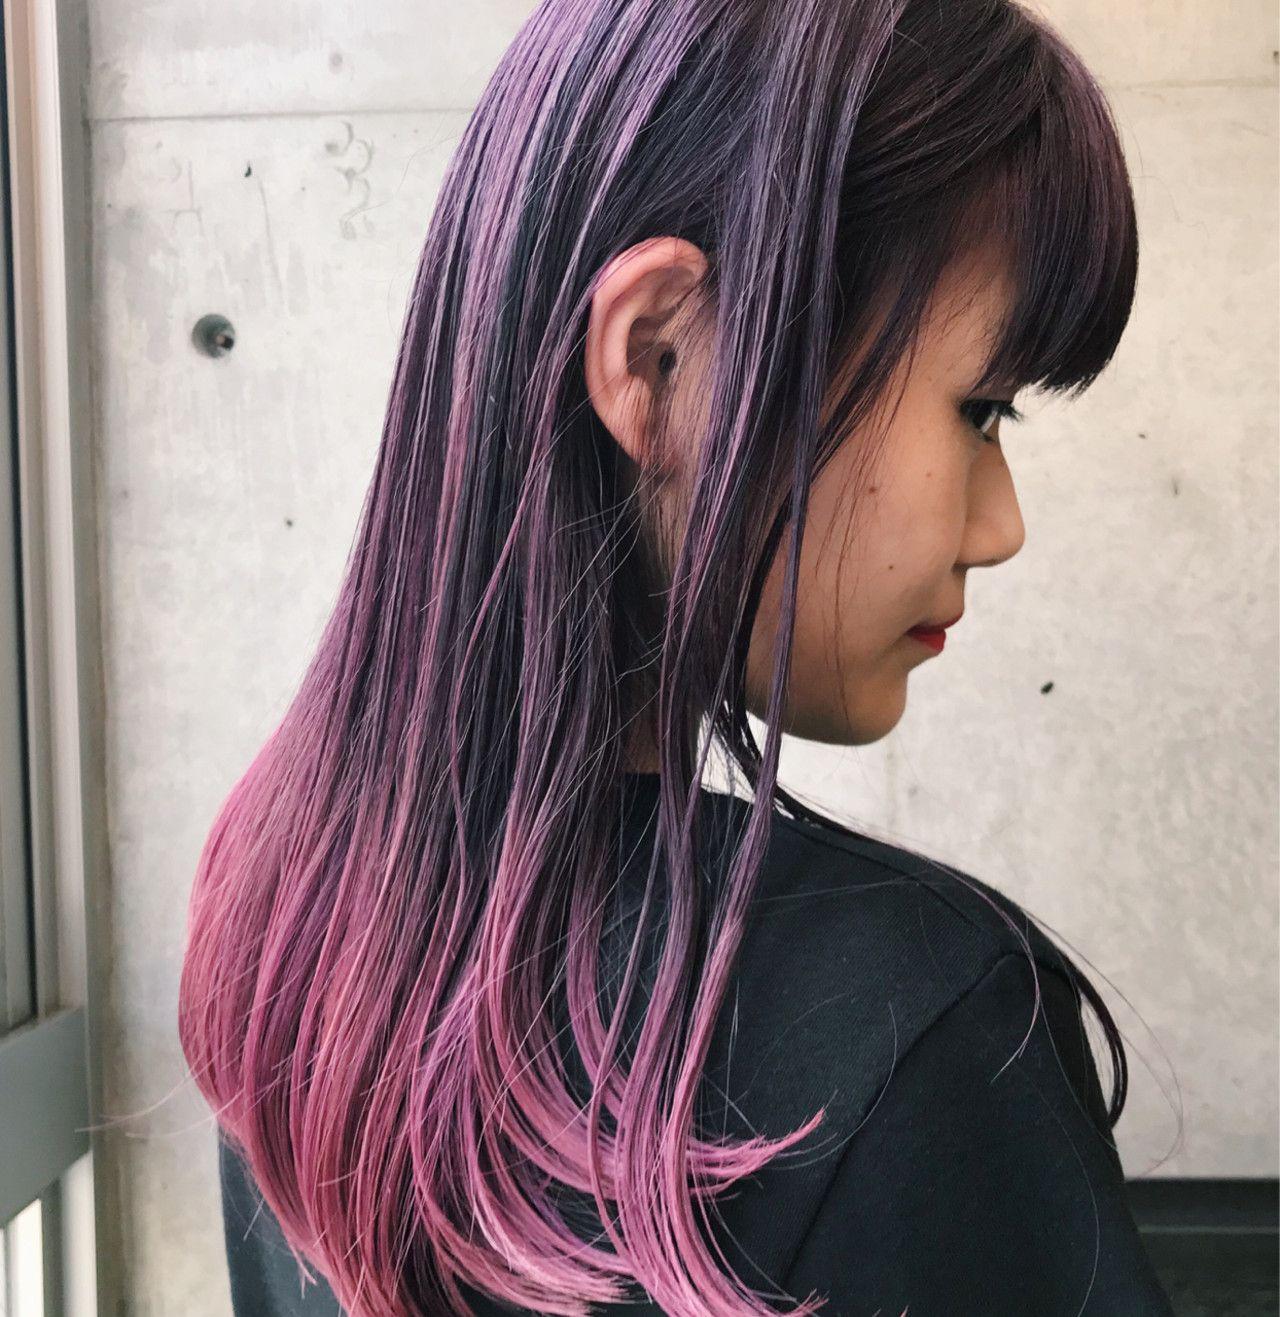 紫からピンクのグラデーションカラー 美髪 ヘア アイディア ヘアースタイル